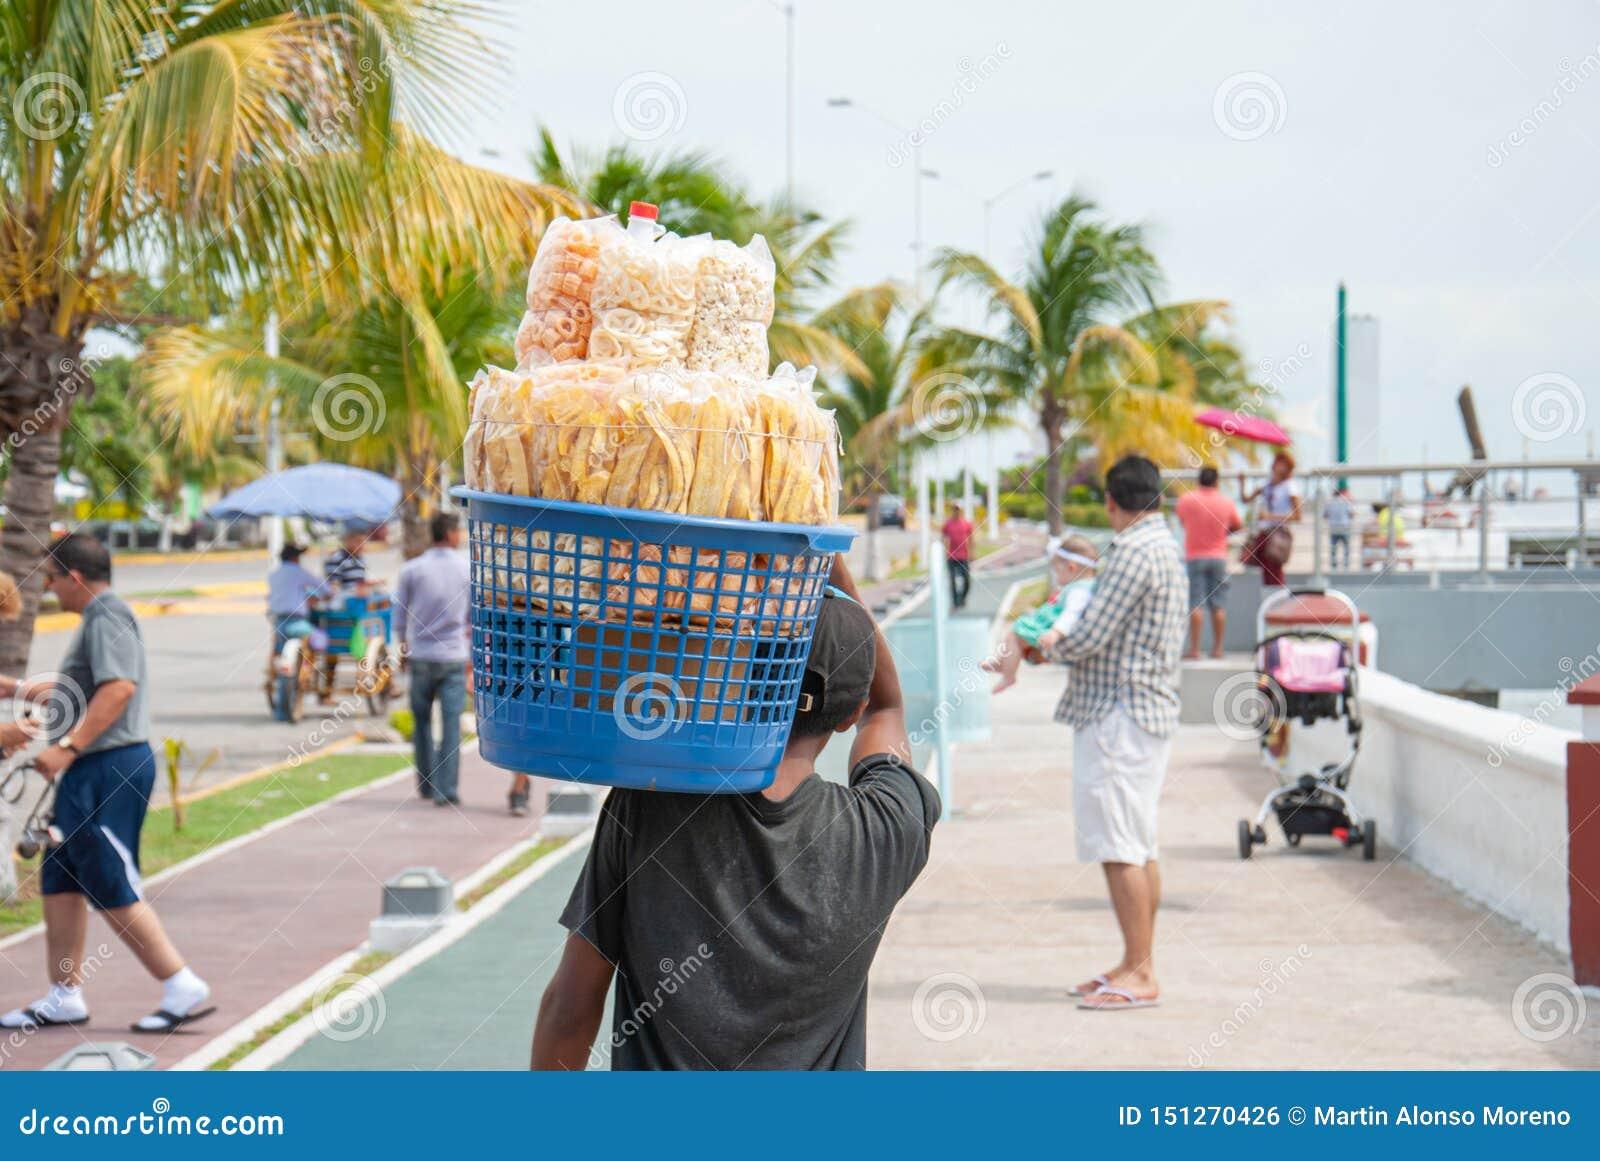 Criança que vende fritos de milho ao longo do passeio marítimo de Campeche México